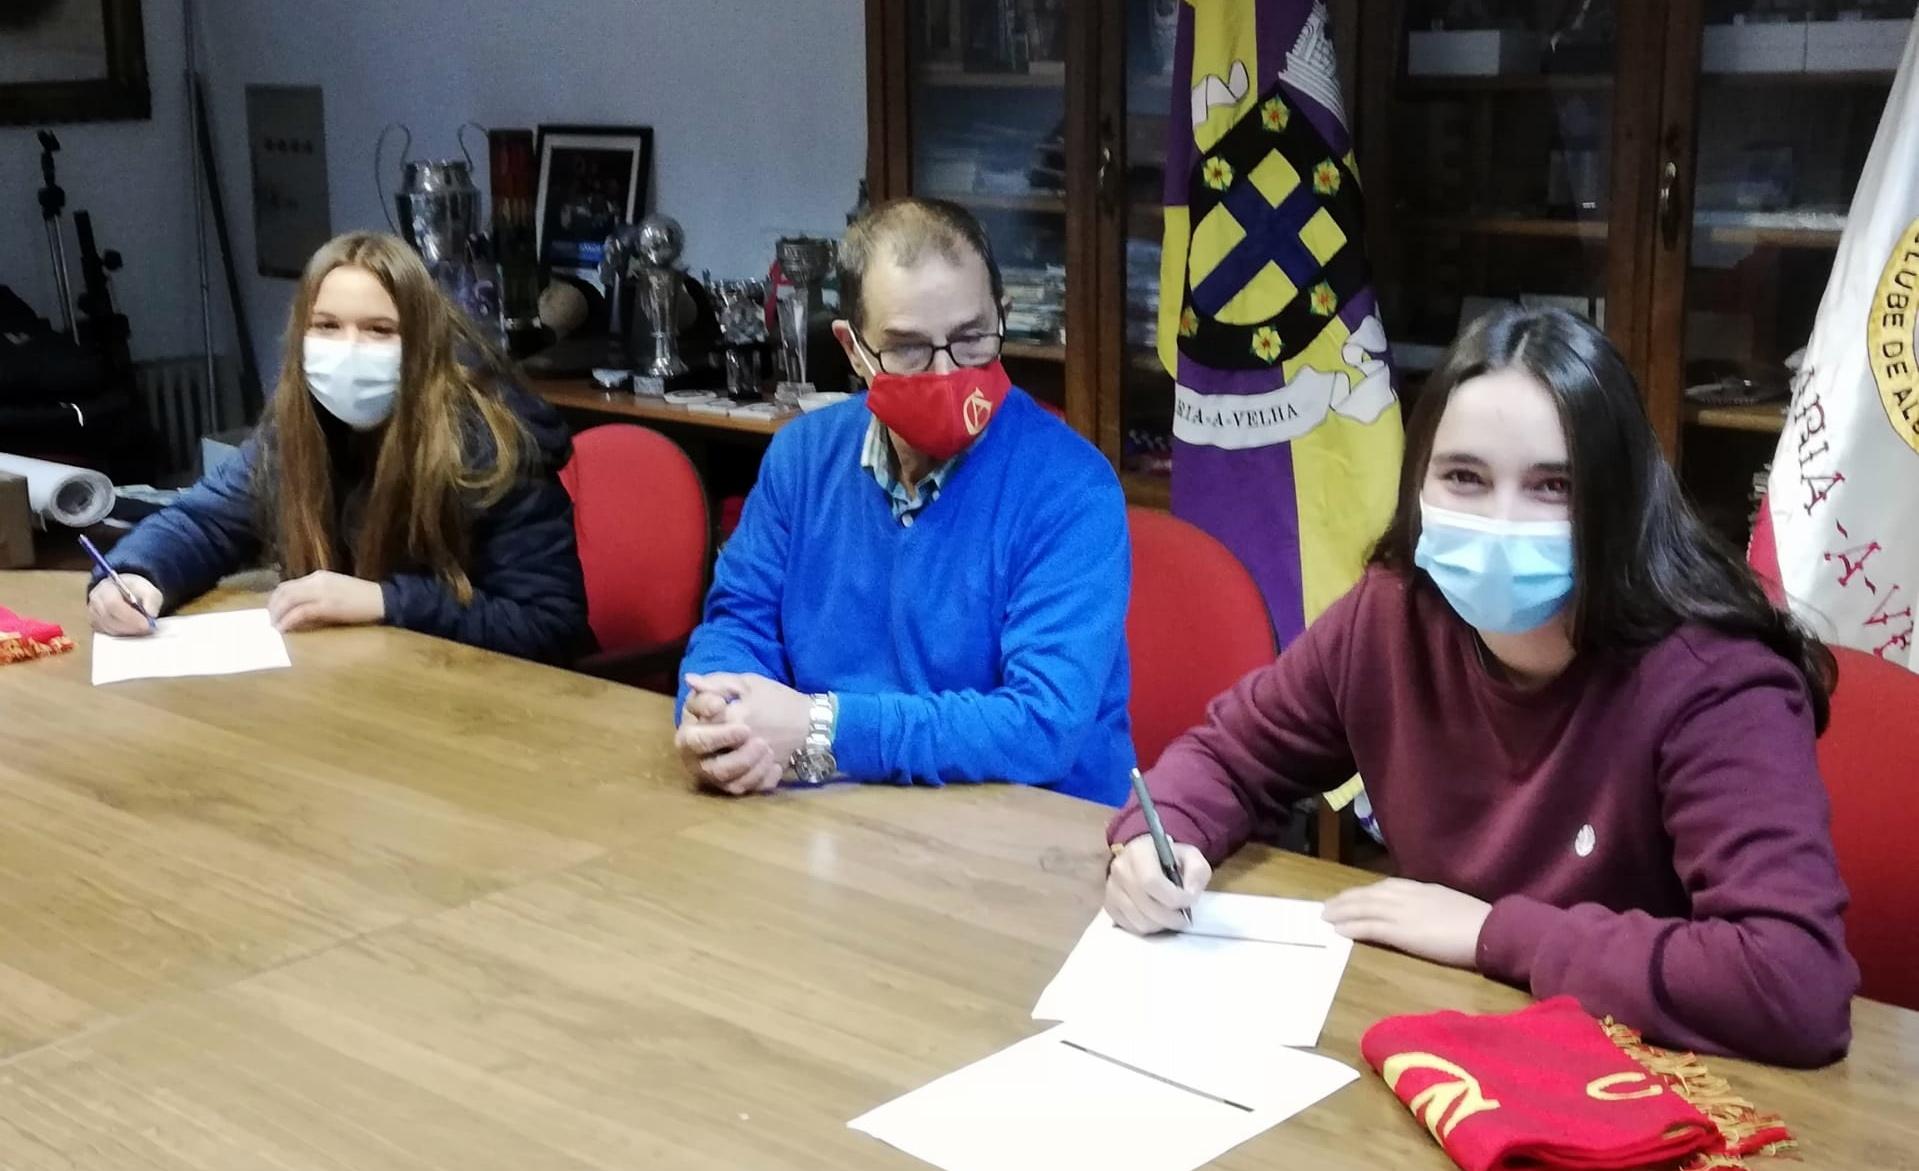 Leonor Alves e Íris Esgueirão prolongam vínculo com Clube de Albergaria